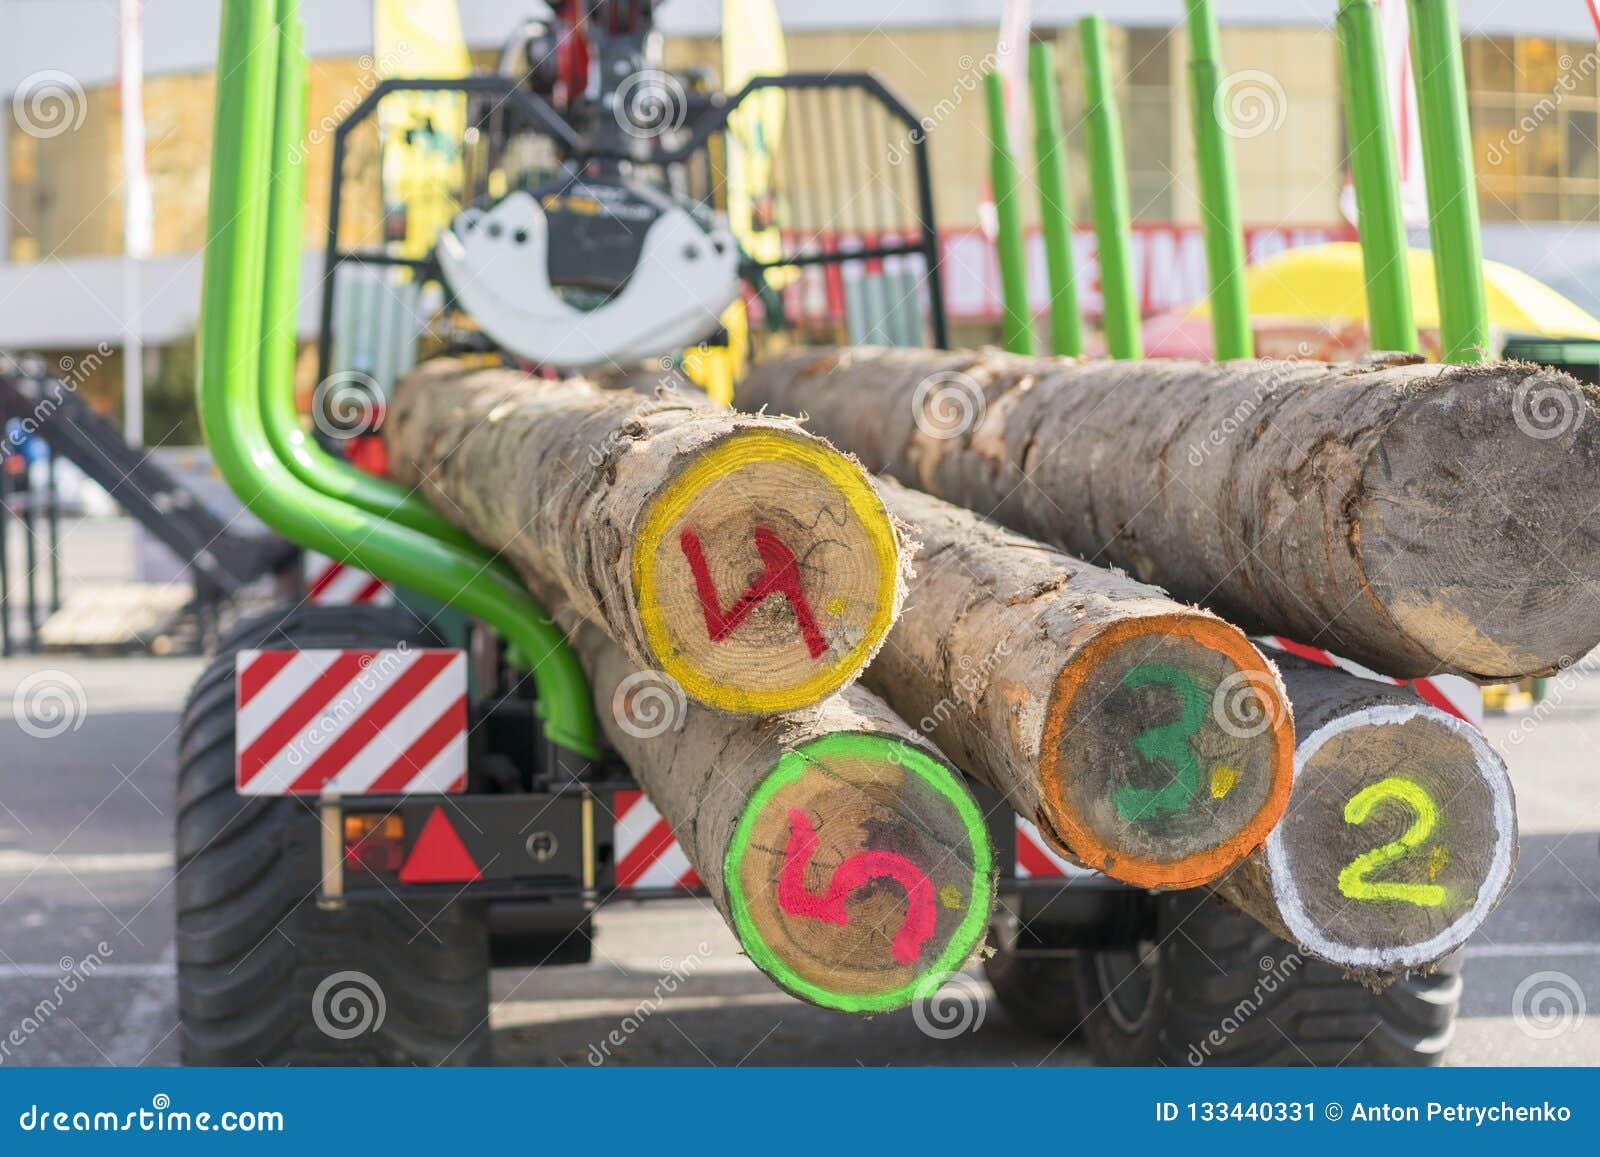 Transport de camion d astuce de bois de construction scié Le camion transporte des rondins, sur la route Des rondins de coupe son